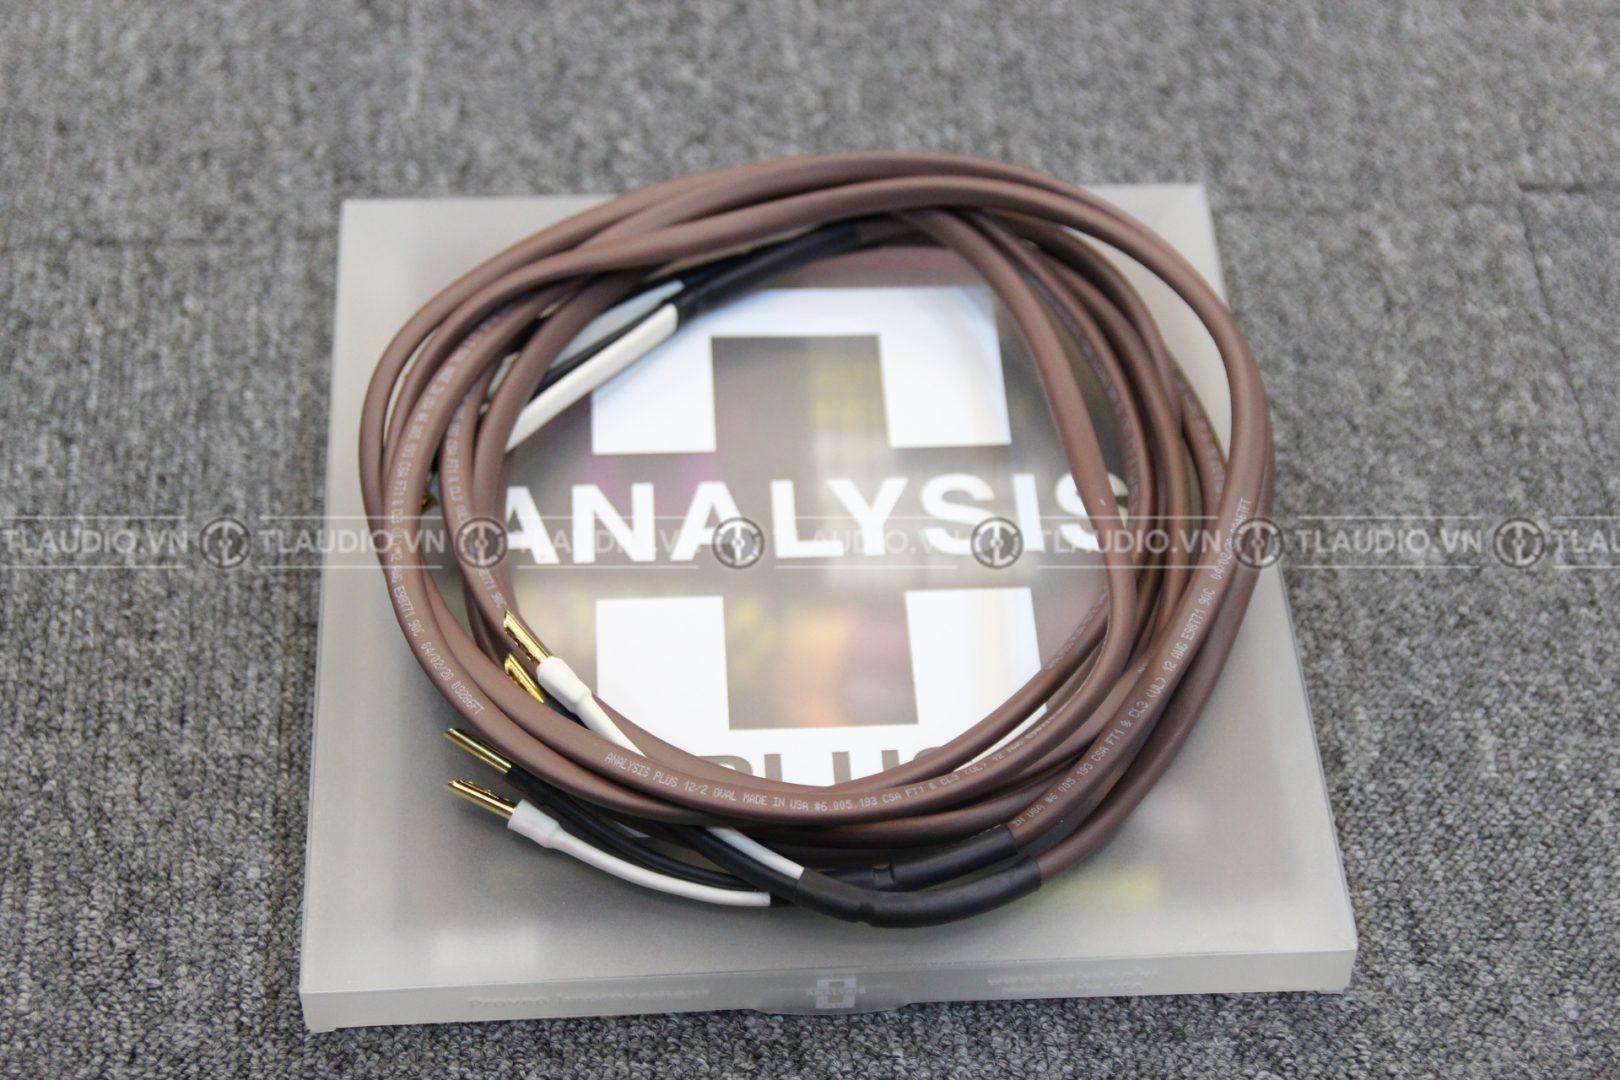 analysis plus oval 12/2 giá rẻ nhất hà nội